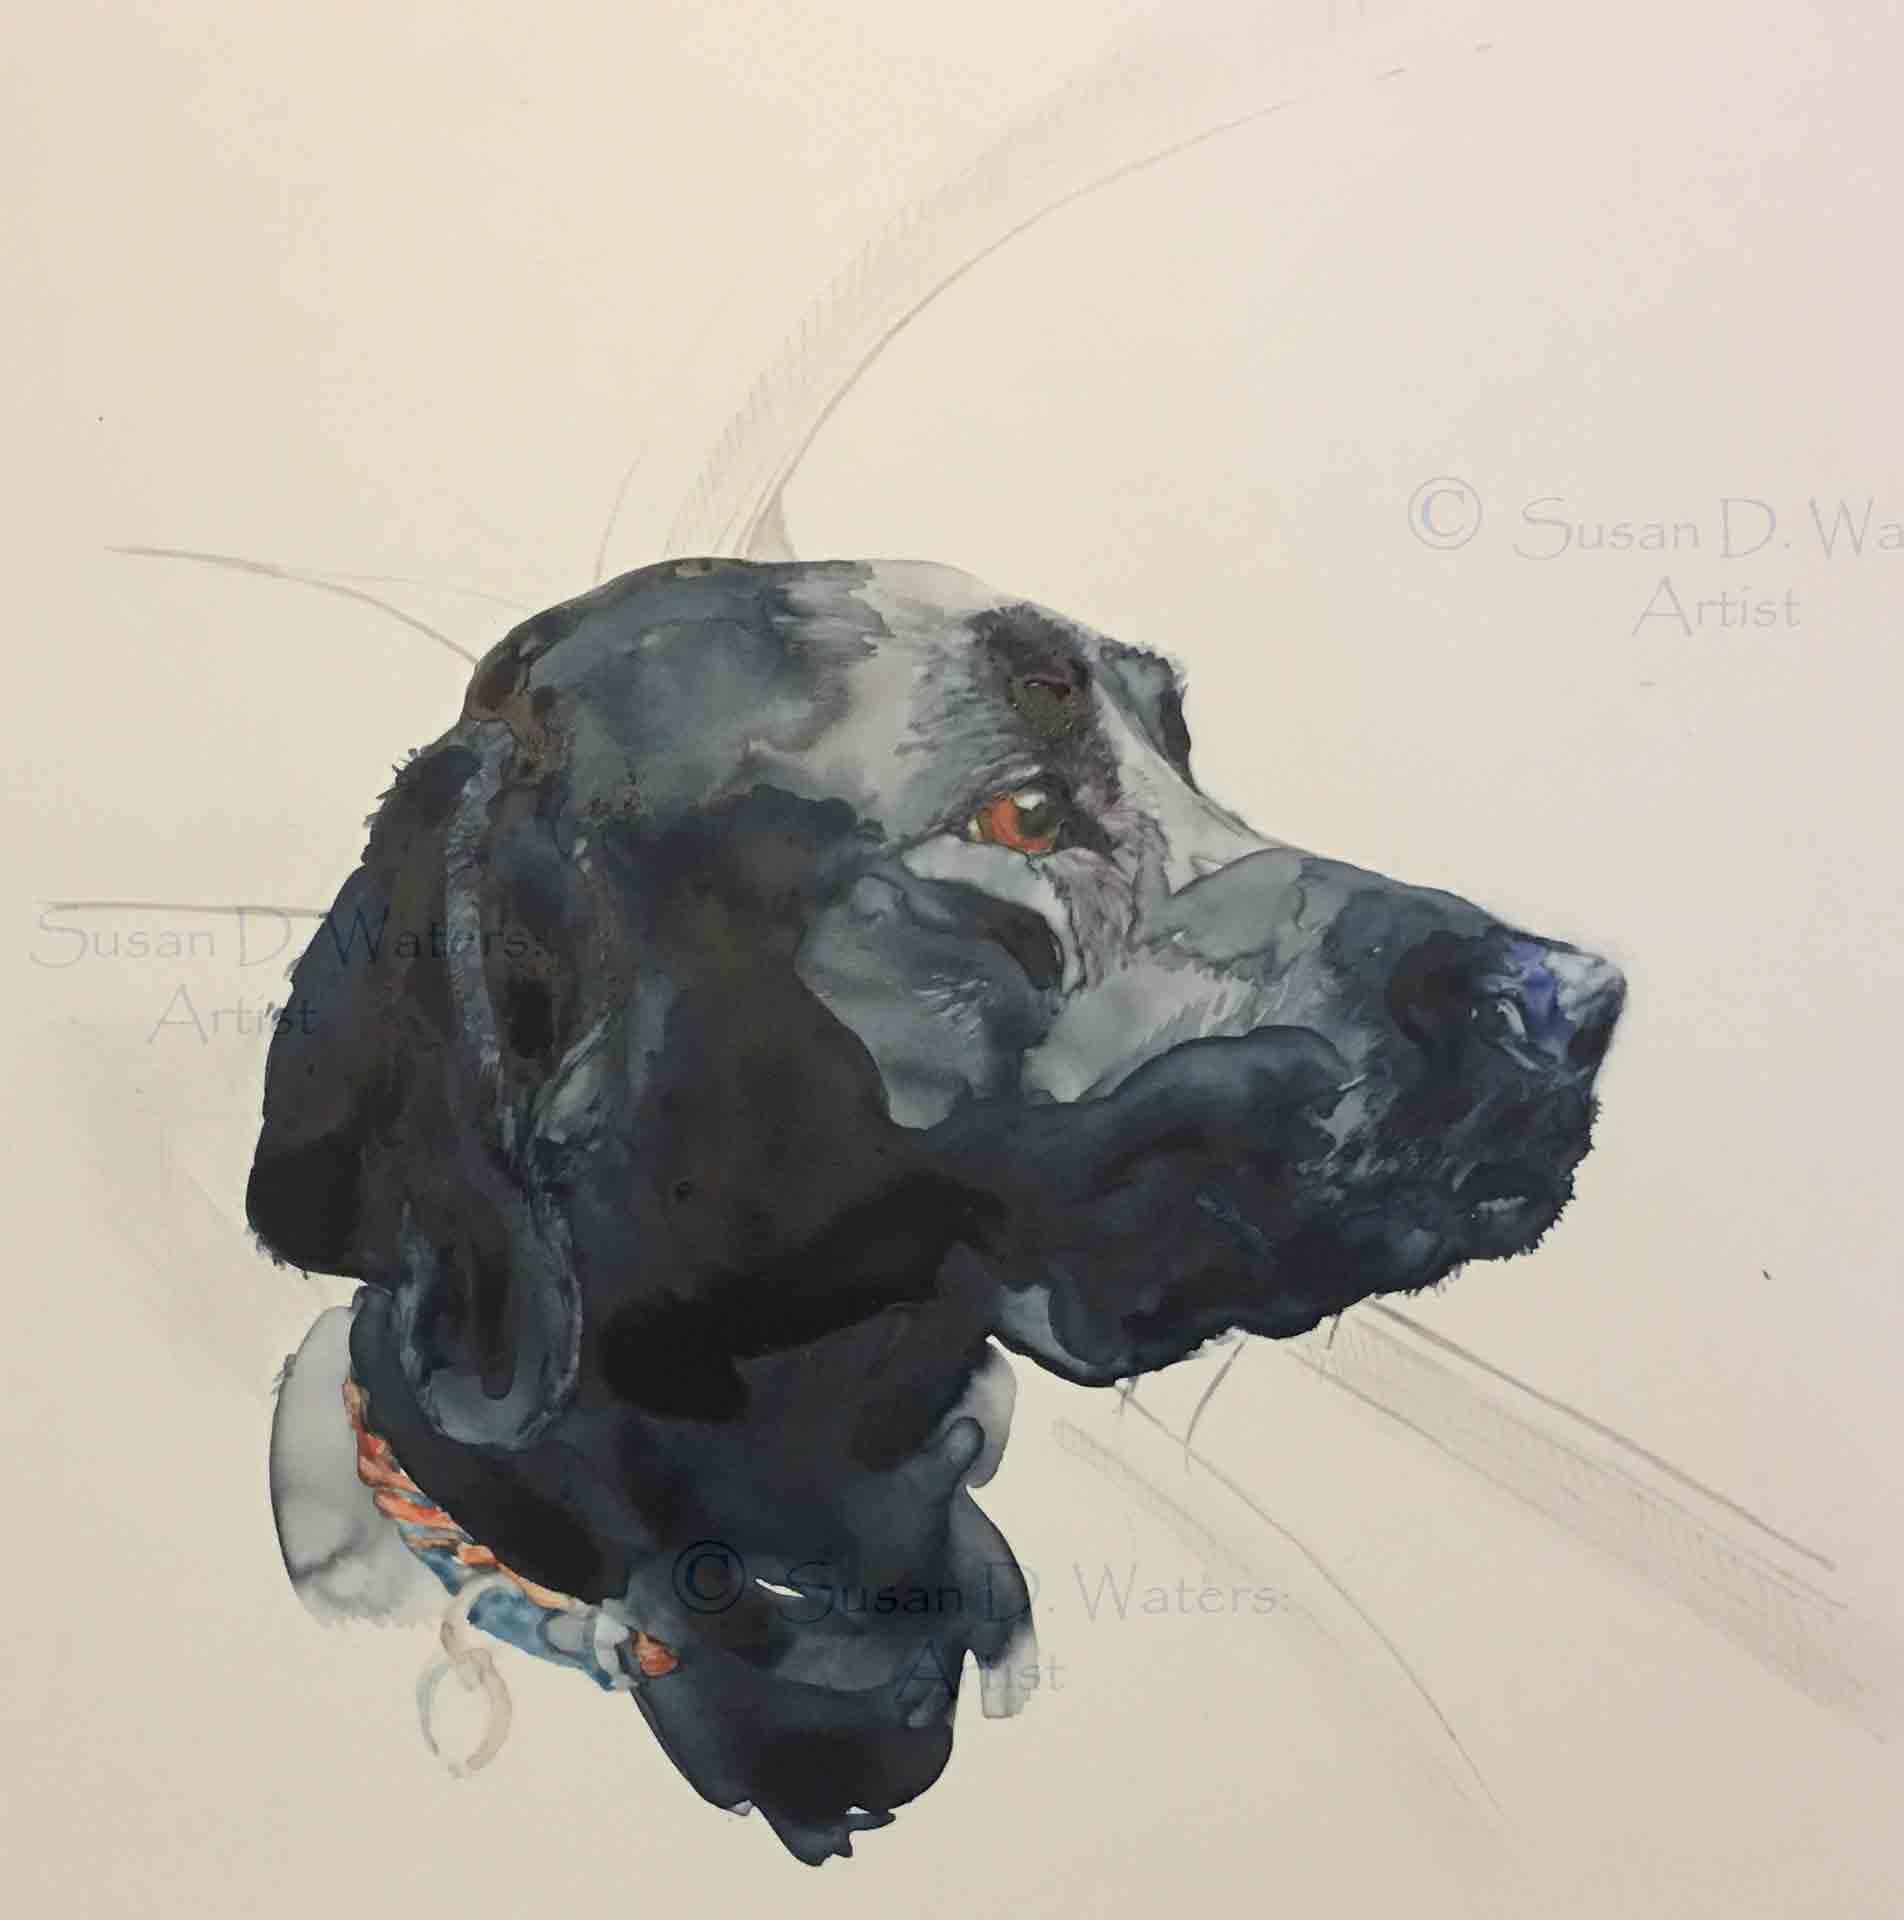 Labrador-in-Car,-Susan-Duke-Waters